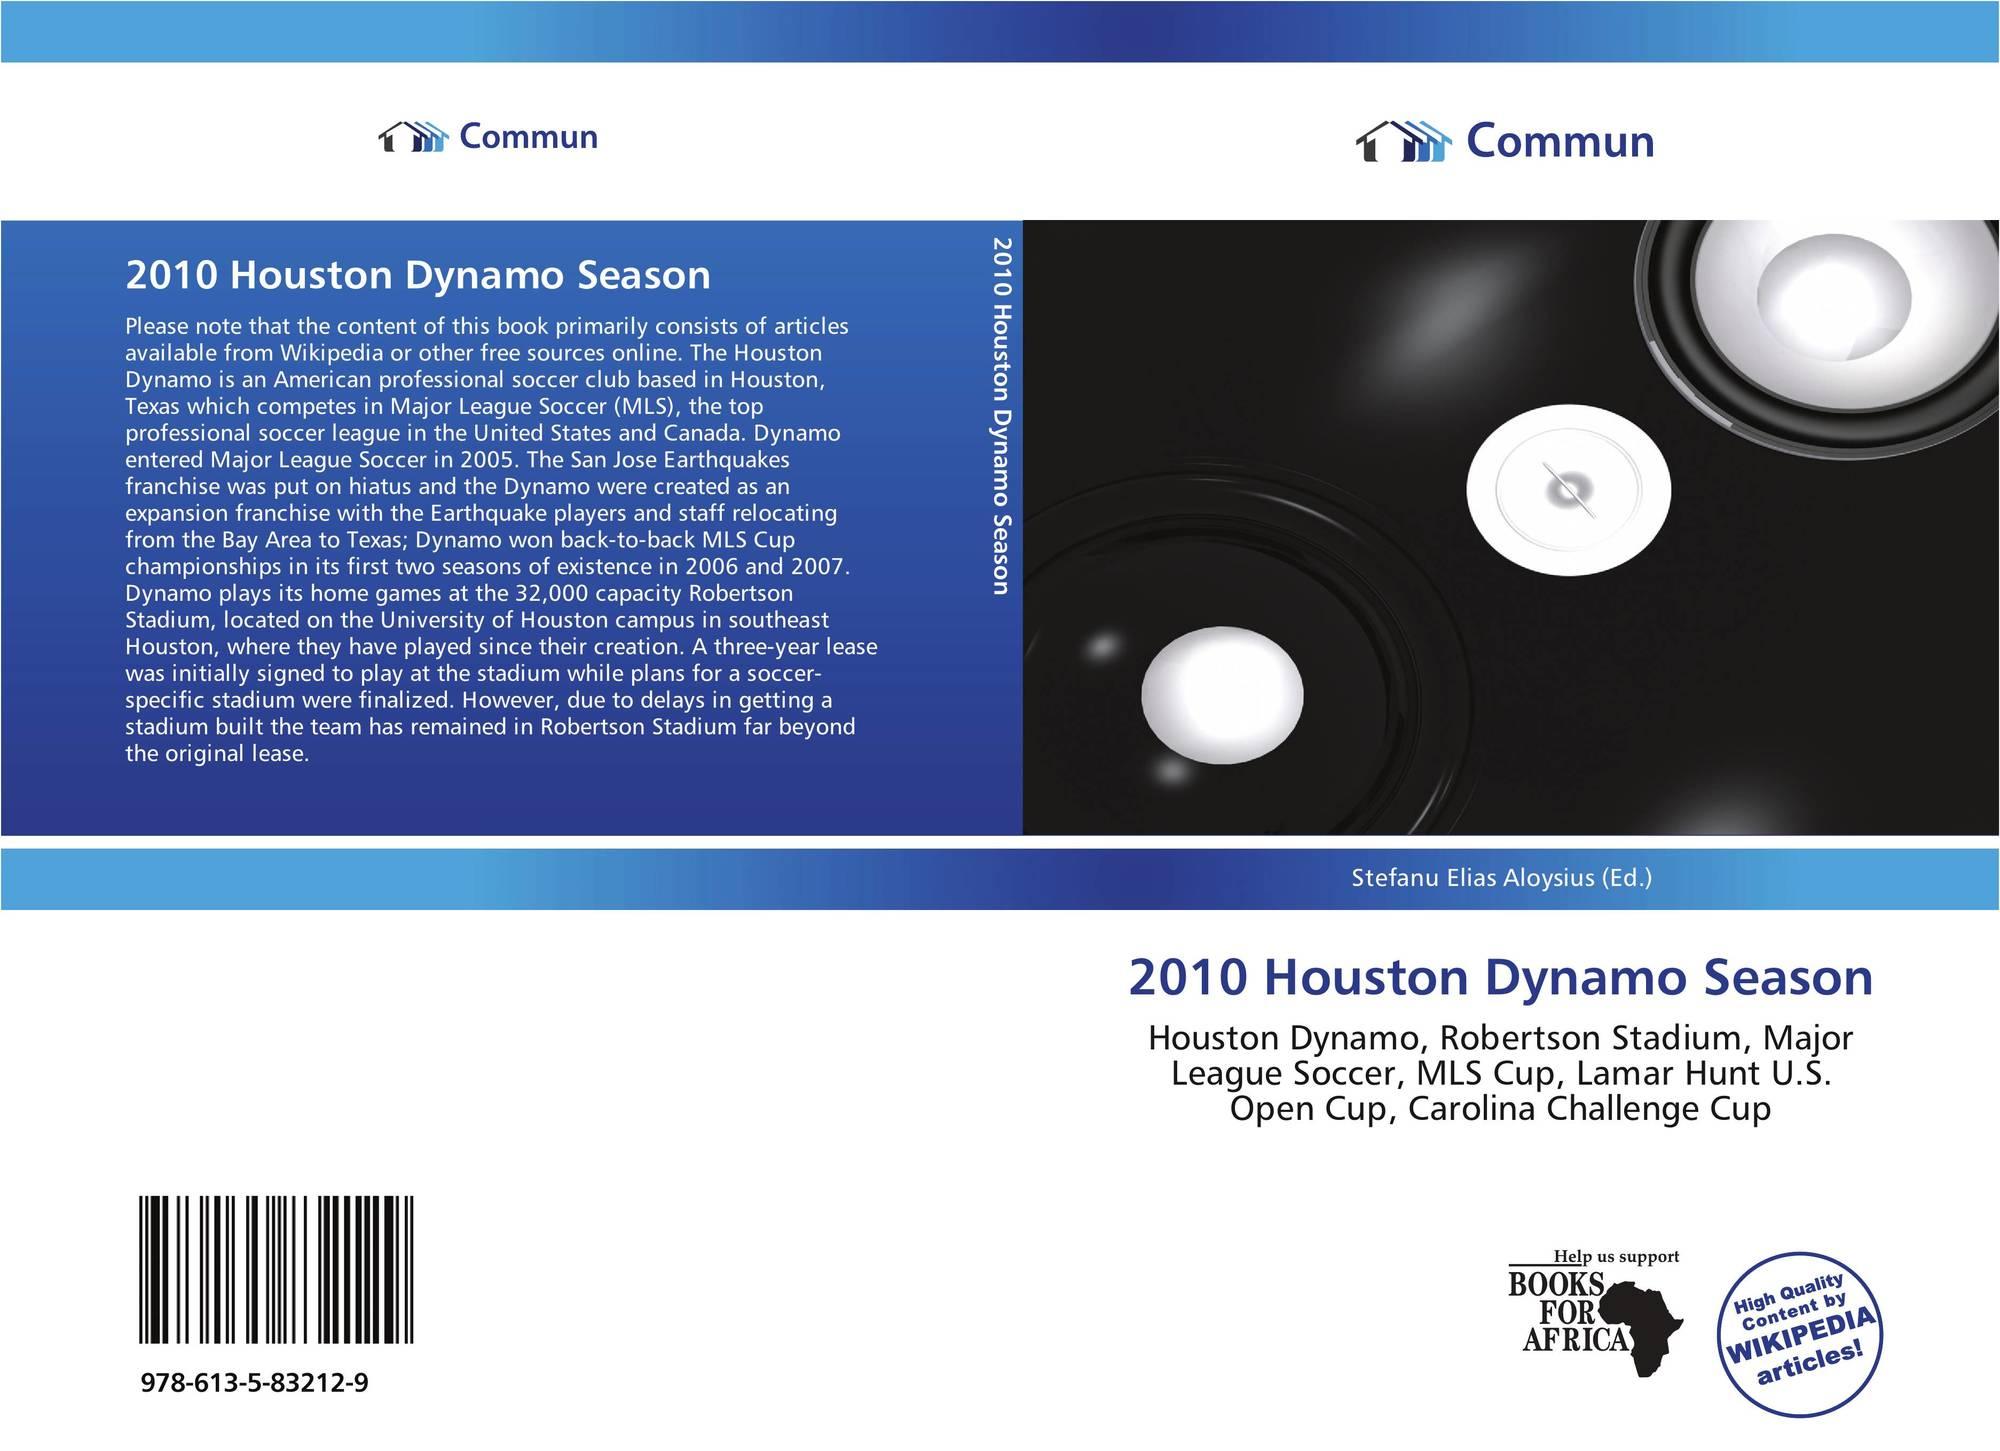 2010 Houston Dynamo Season, 978-613-5-83212-9, 6135832123 ...